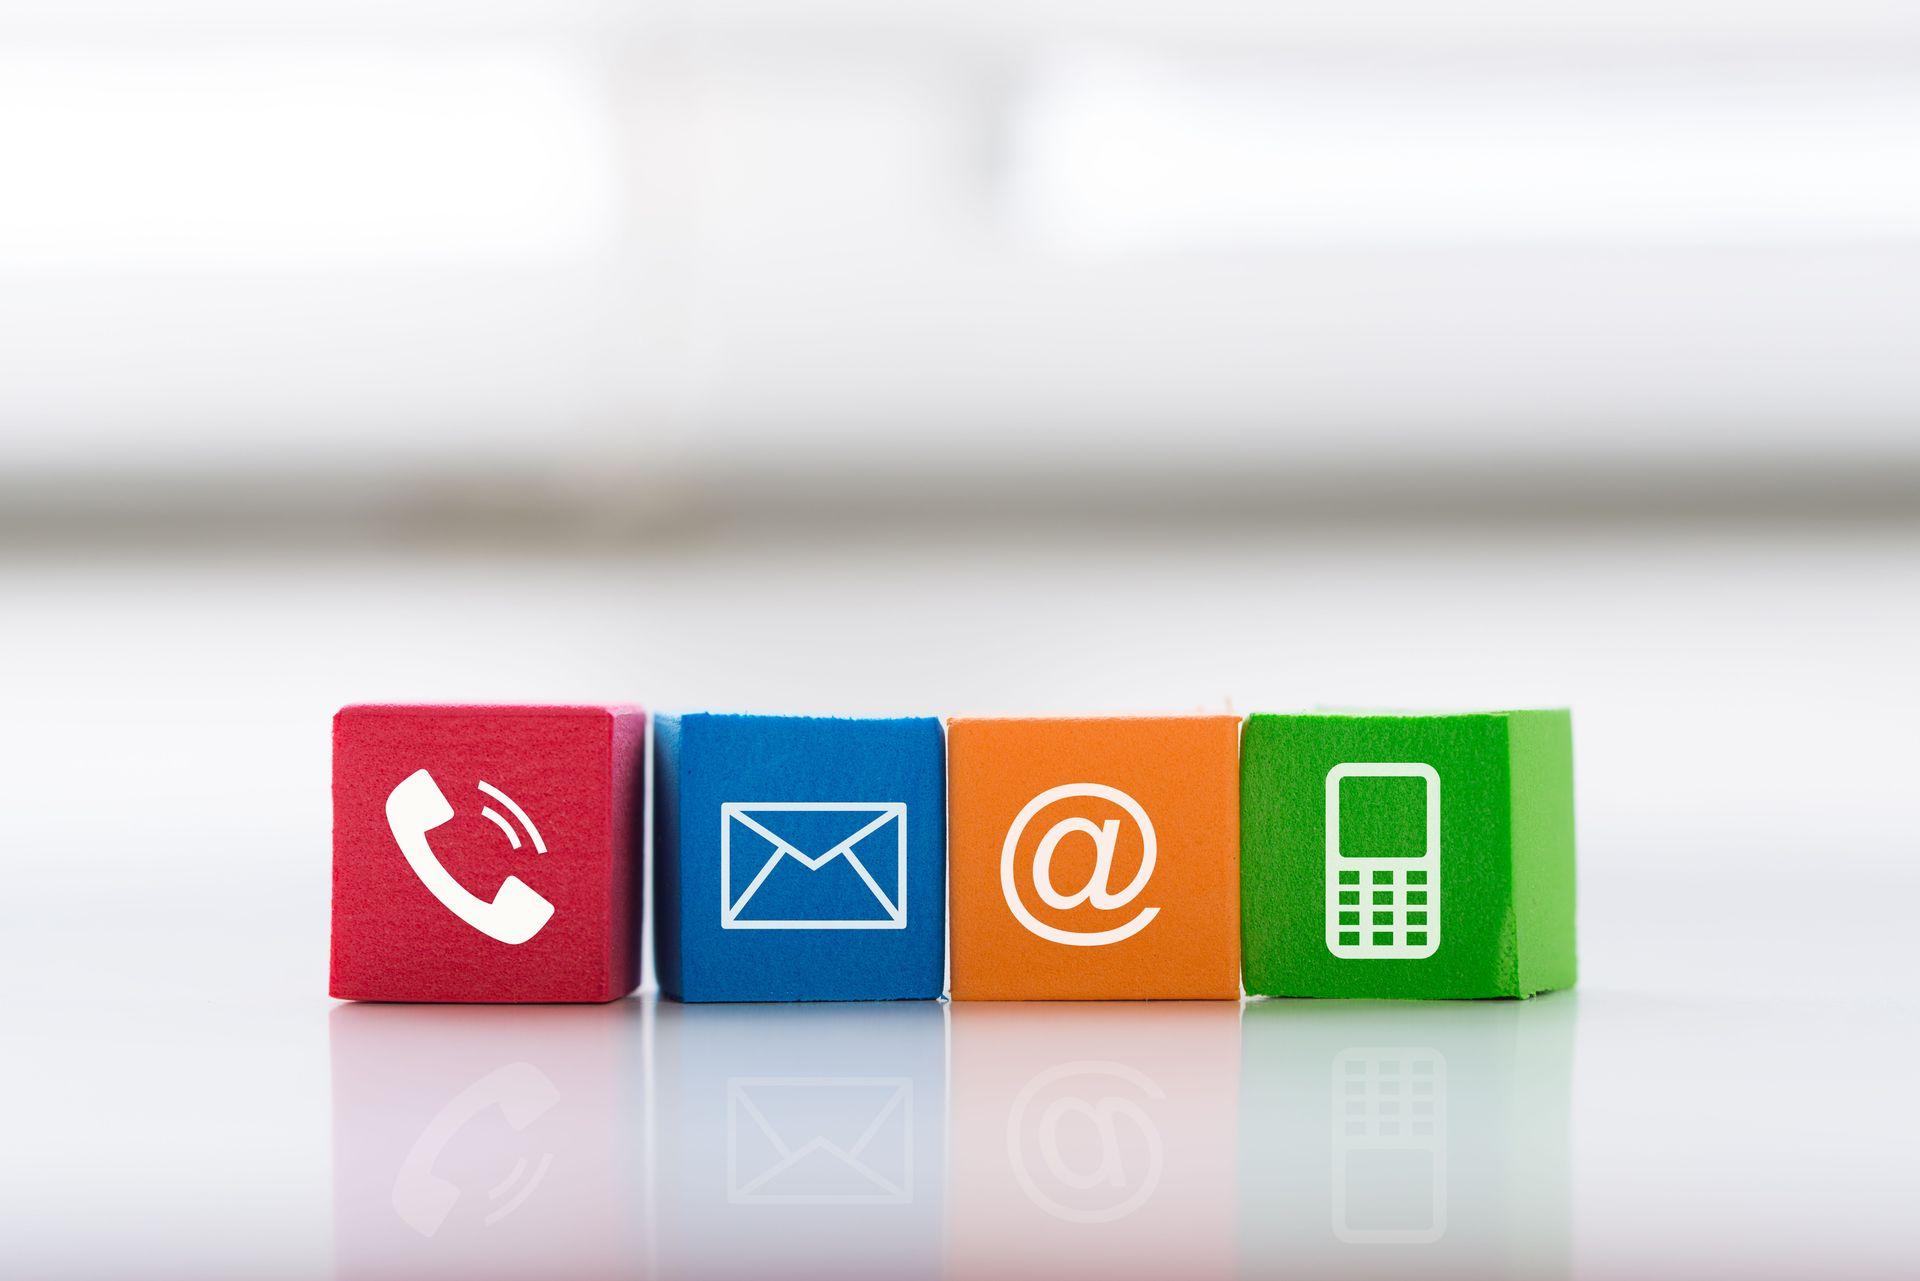 Kontakt und Öffnungszeiten - Kontakt &